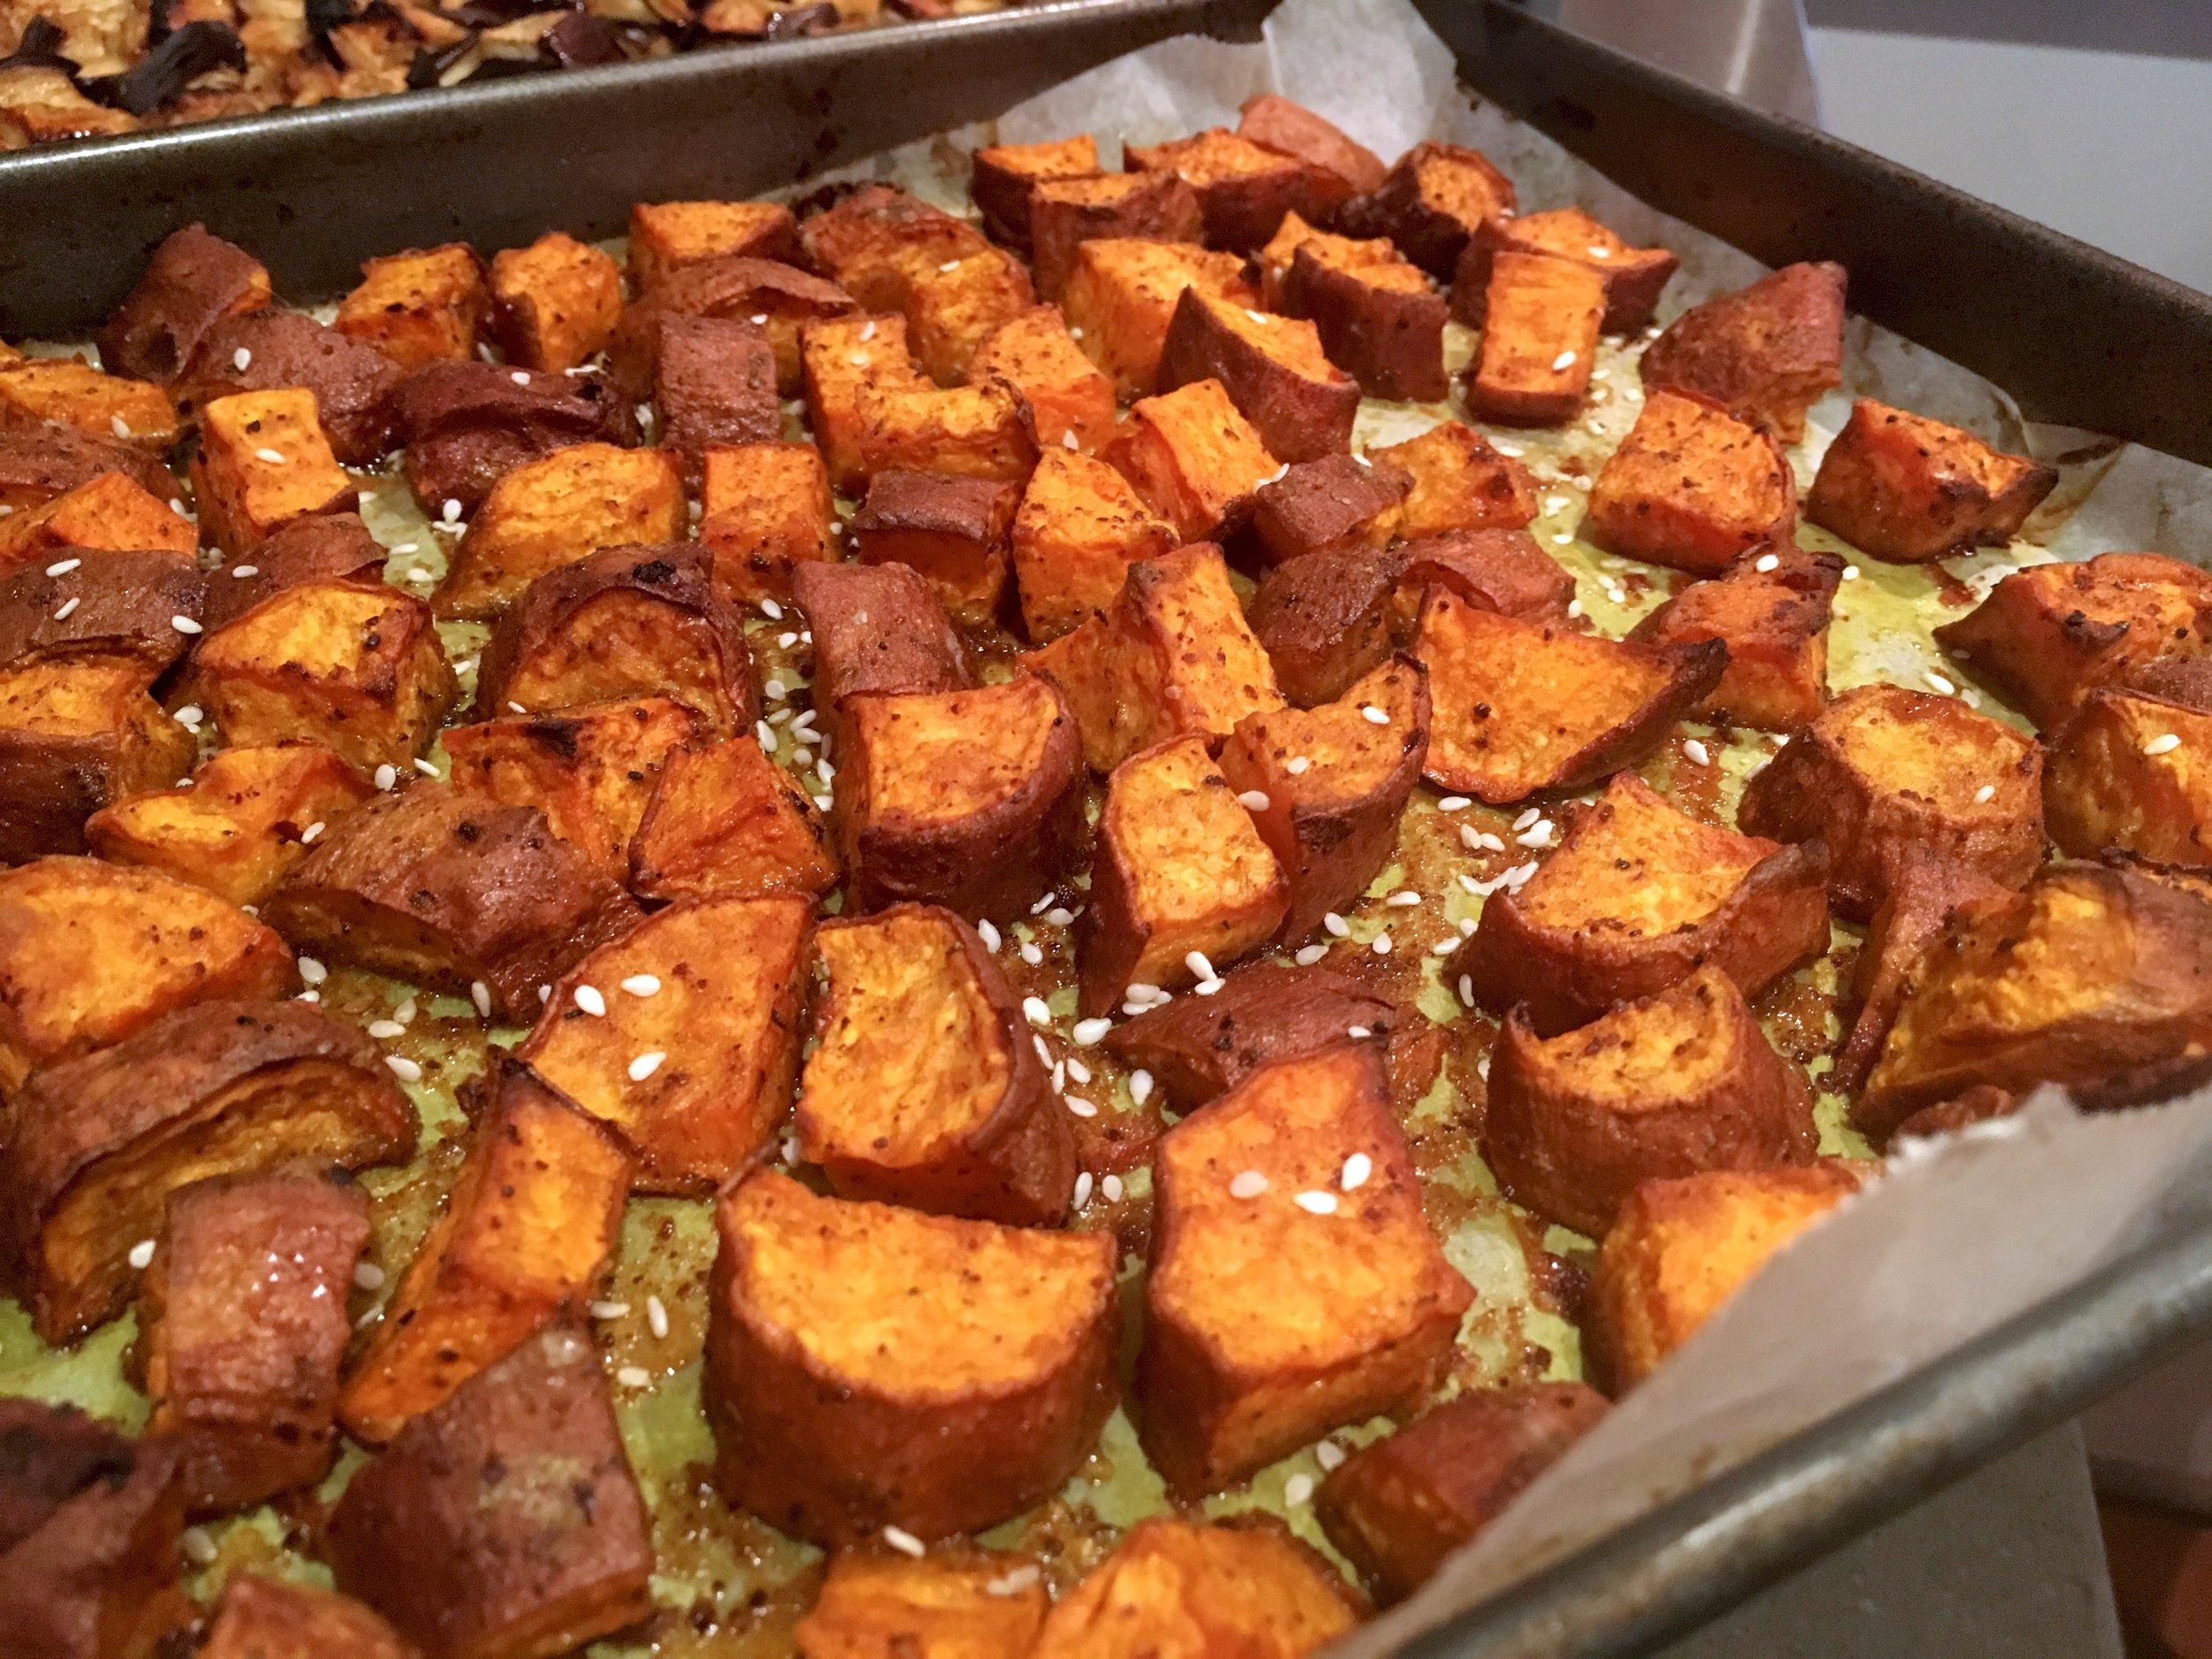 Healthy baked sweet potato recipe